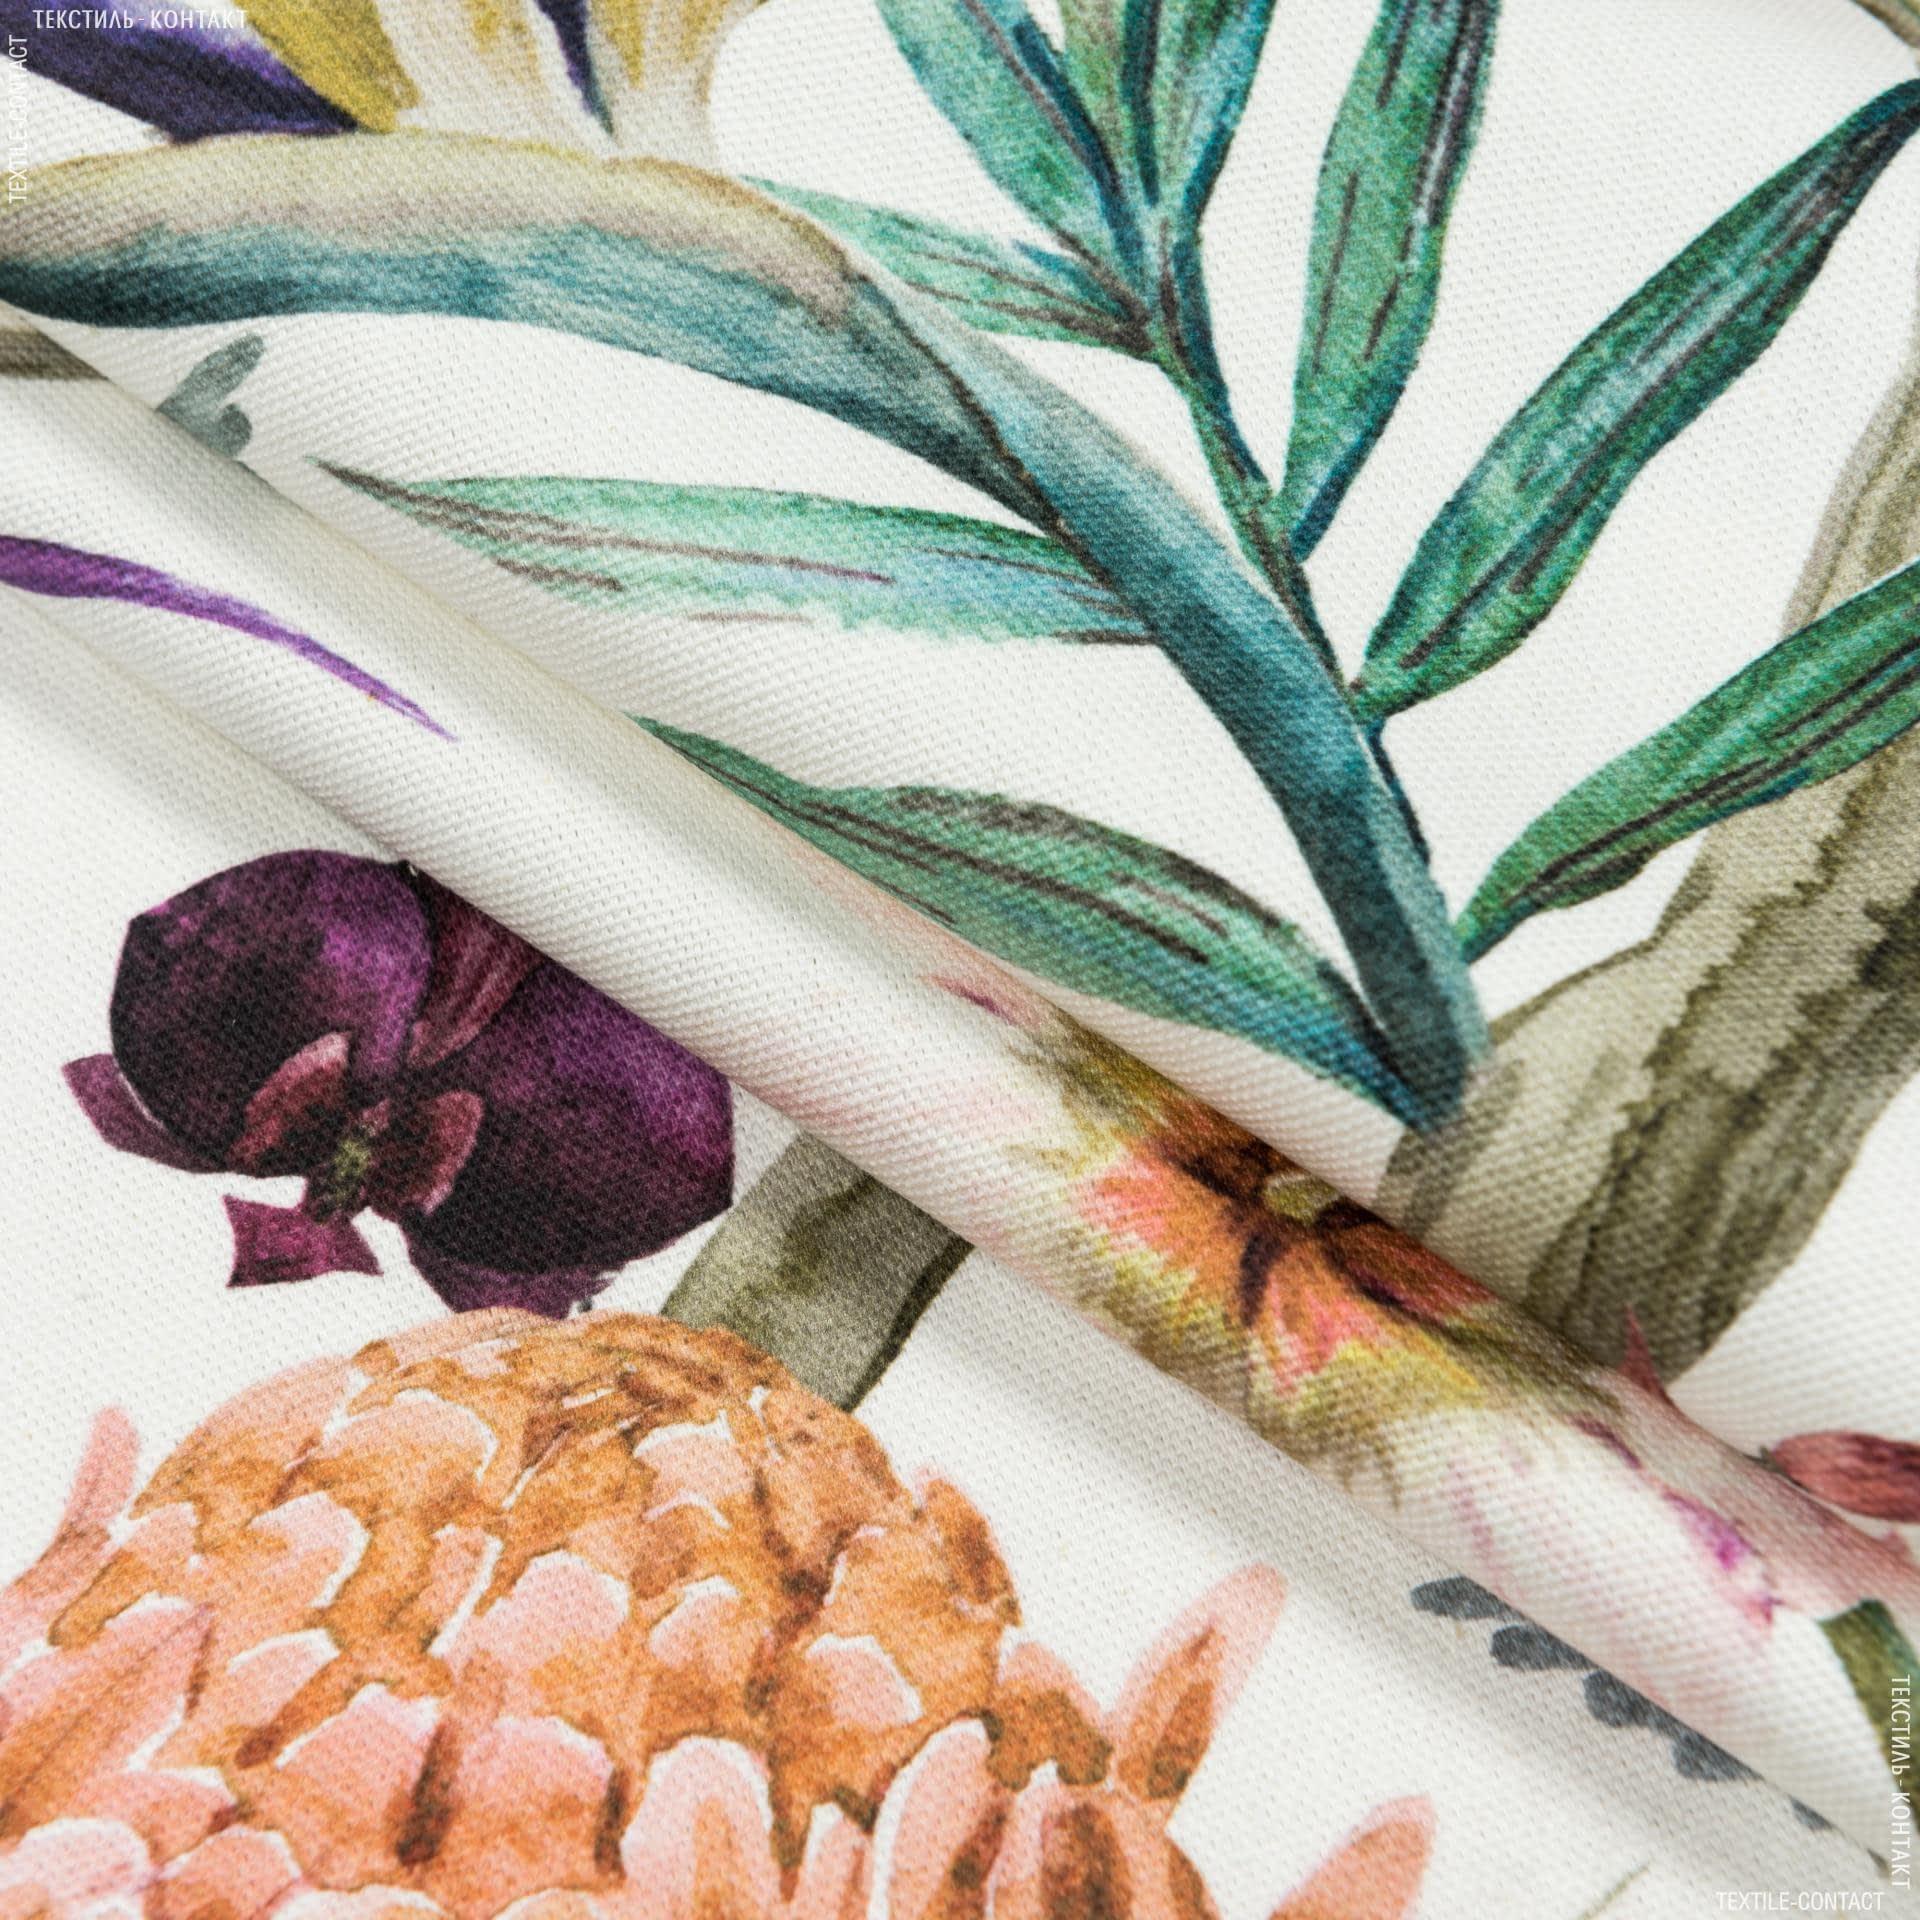 Ткани портьерные ткани - Декоративная ткань самарканда/samarcanda  колибри, цветы оранж